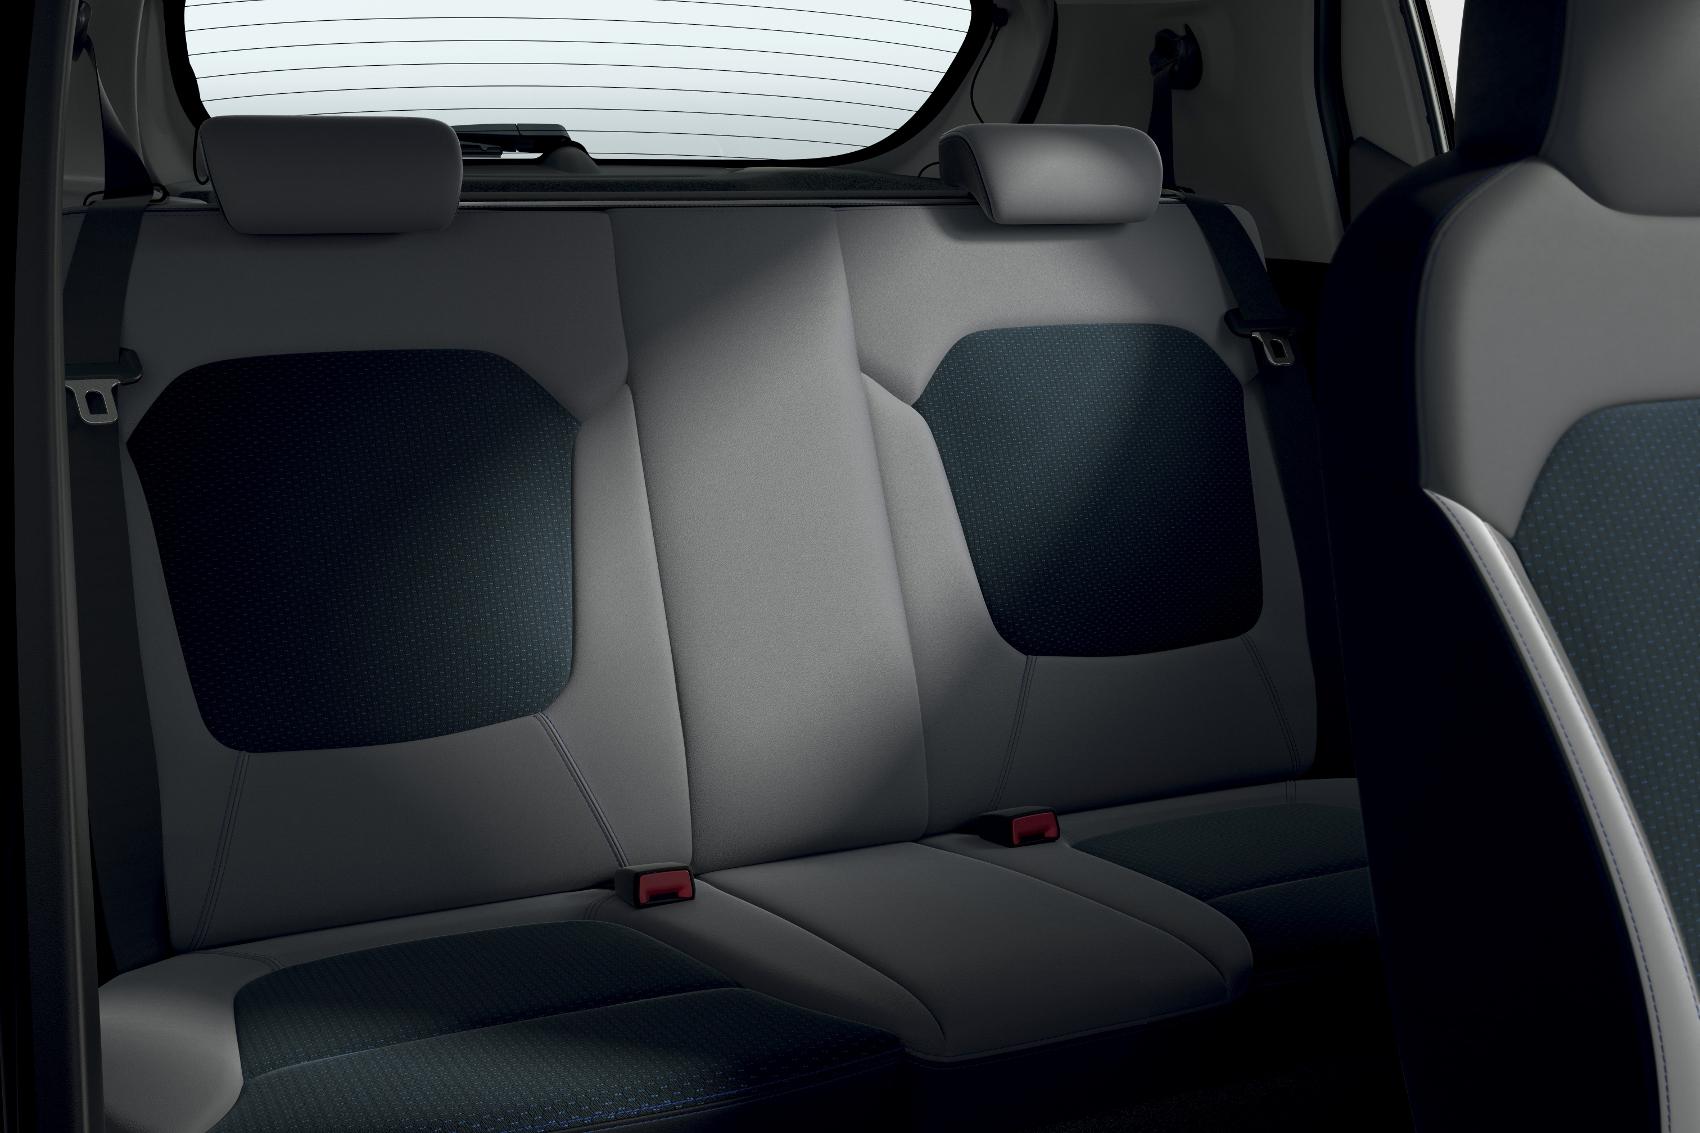 Nová elektrická Dacia Spring bude superlacná clc70dLWCH 2020-dacia-spring-11-1700x1133